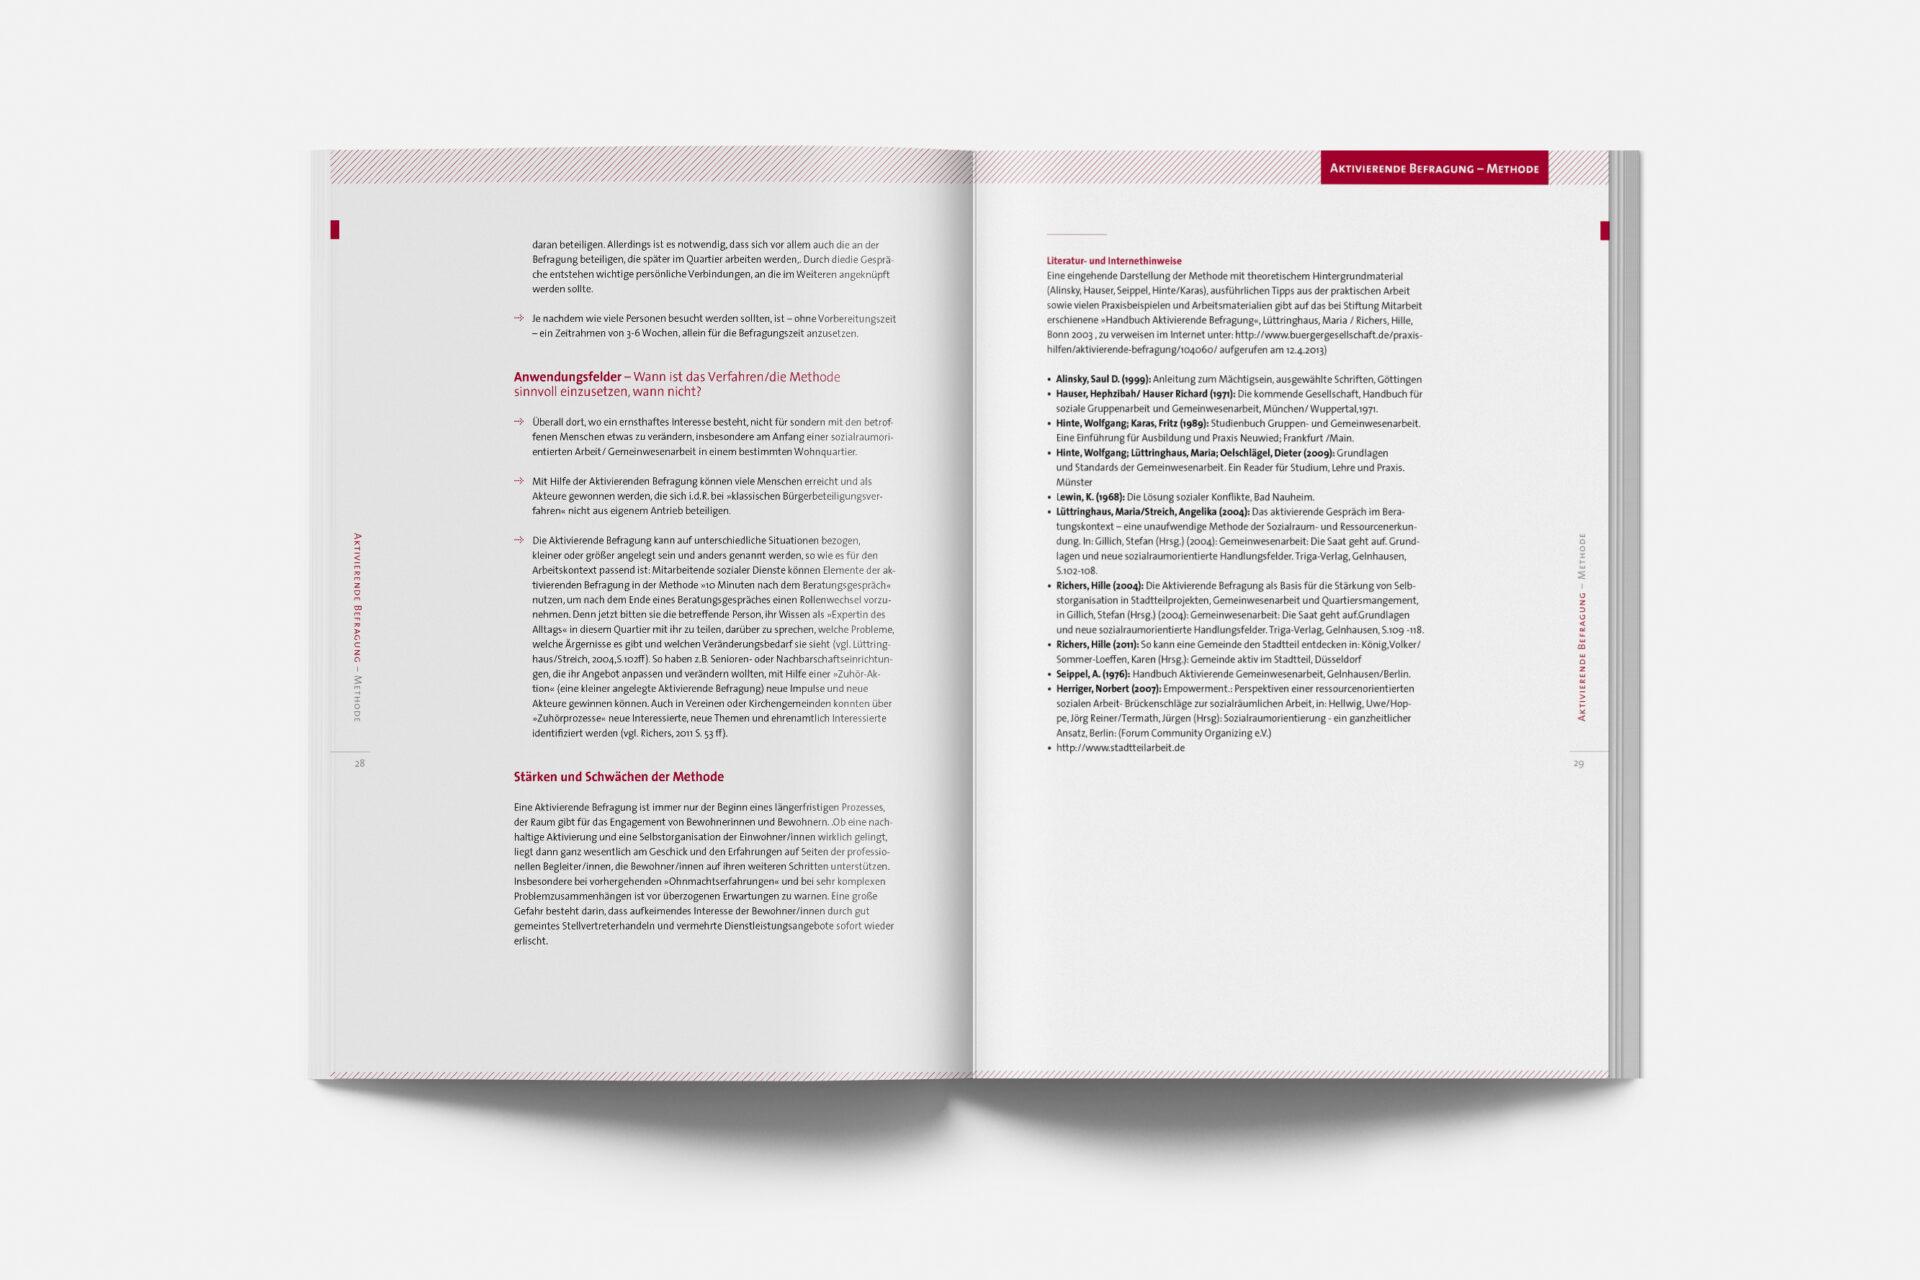 Stiftung Mitarbeit – Methodenhandbuch